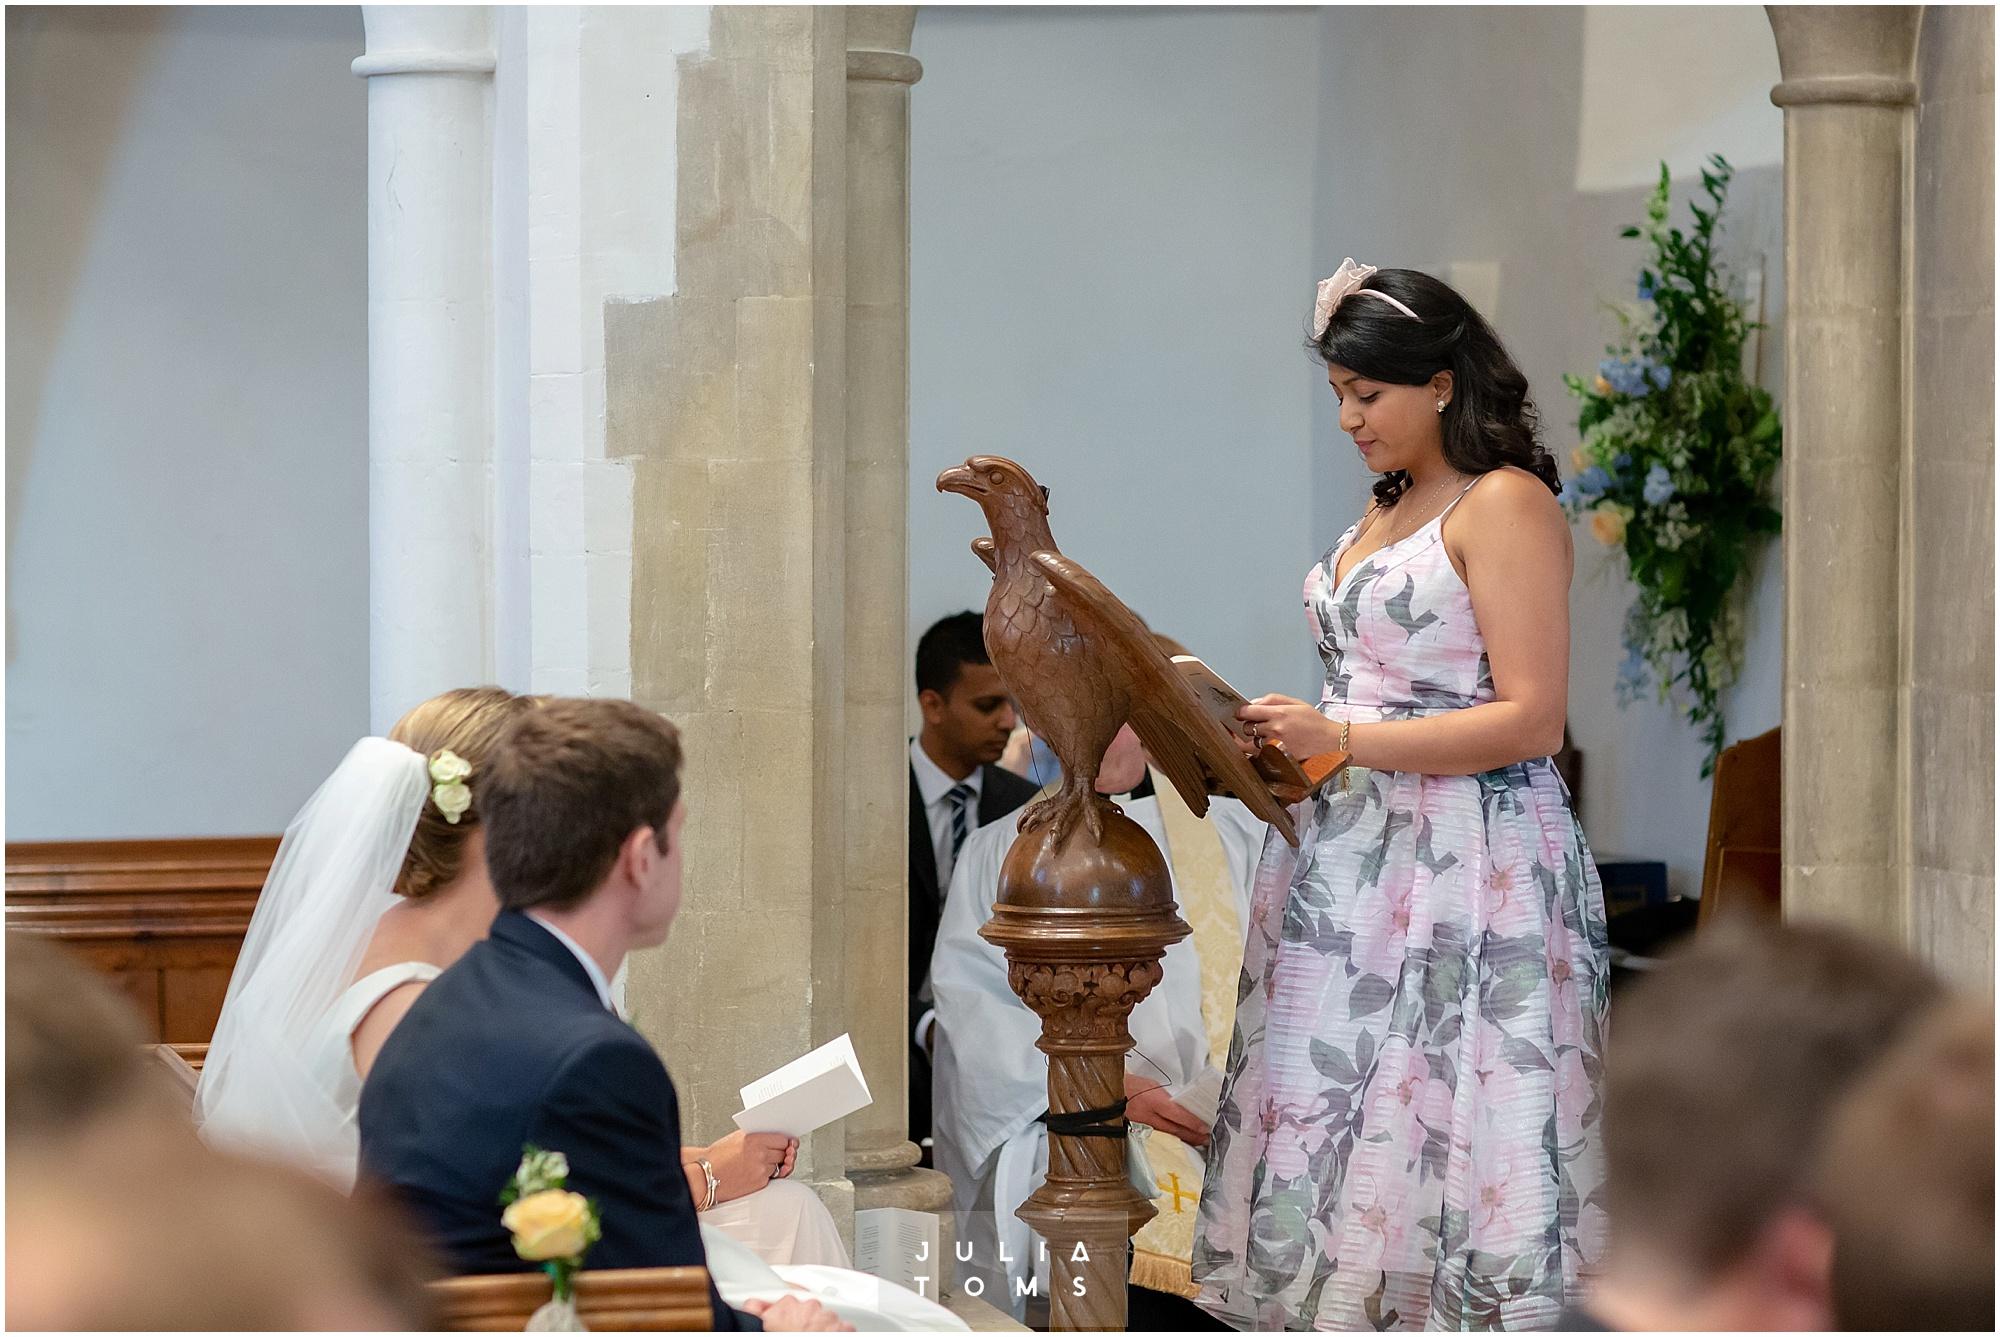 westsussex_wedding_photographer_westdean_041.jpg